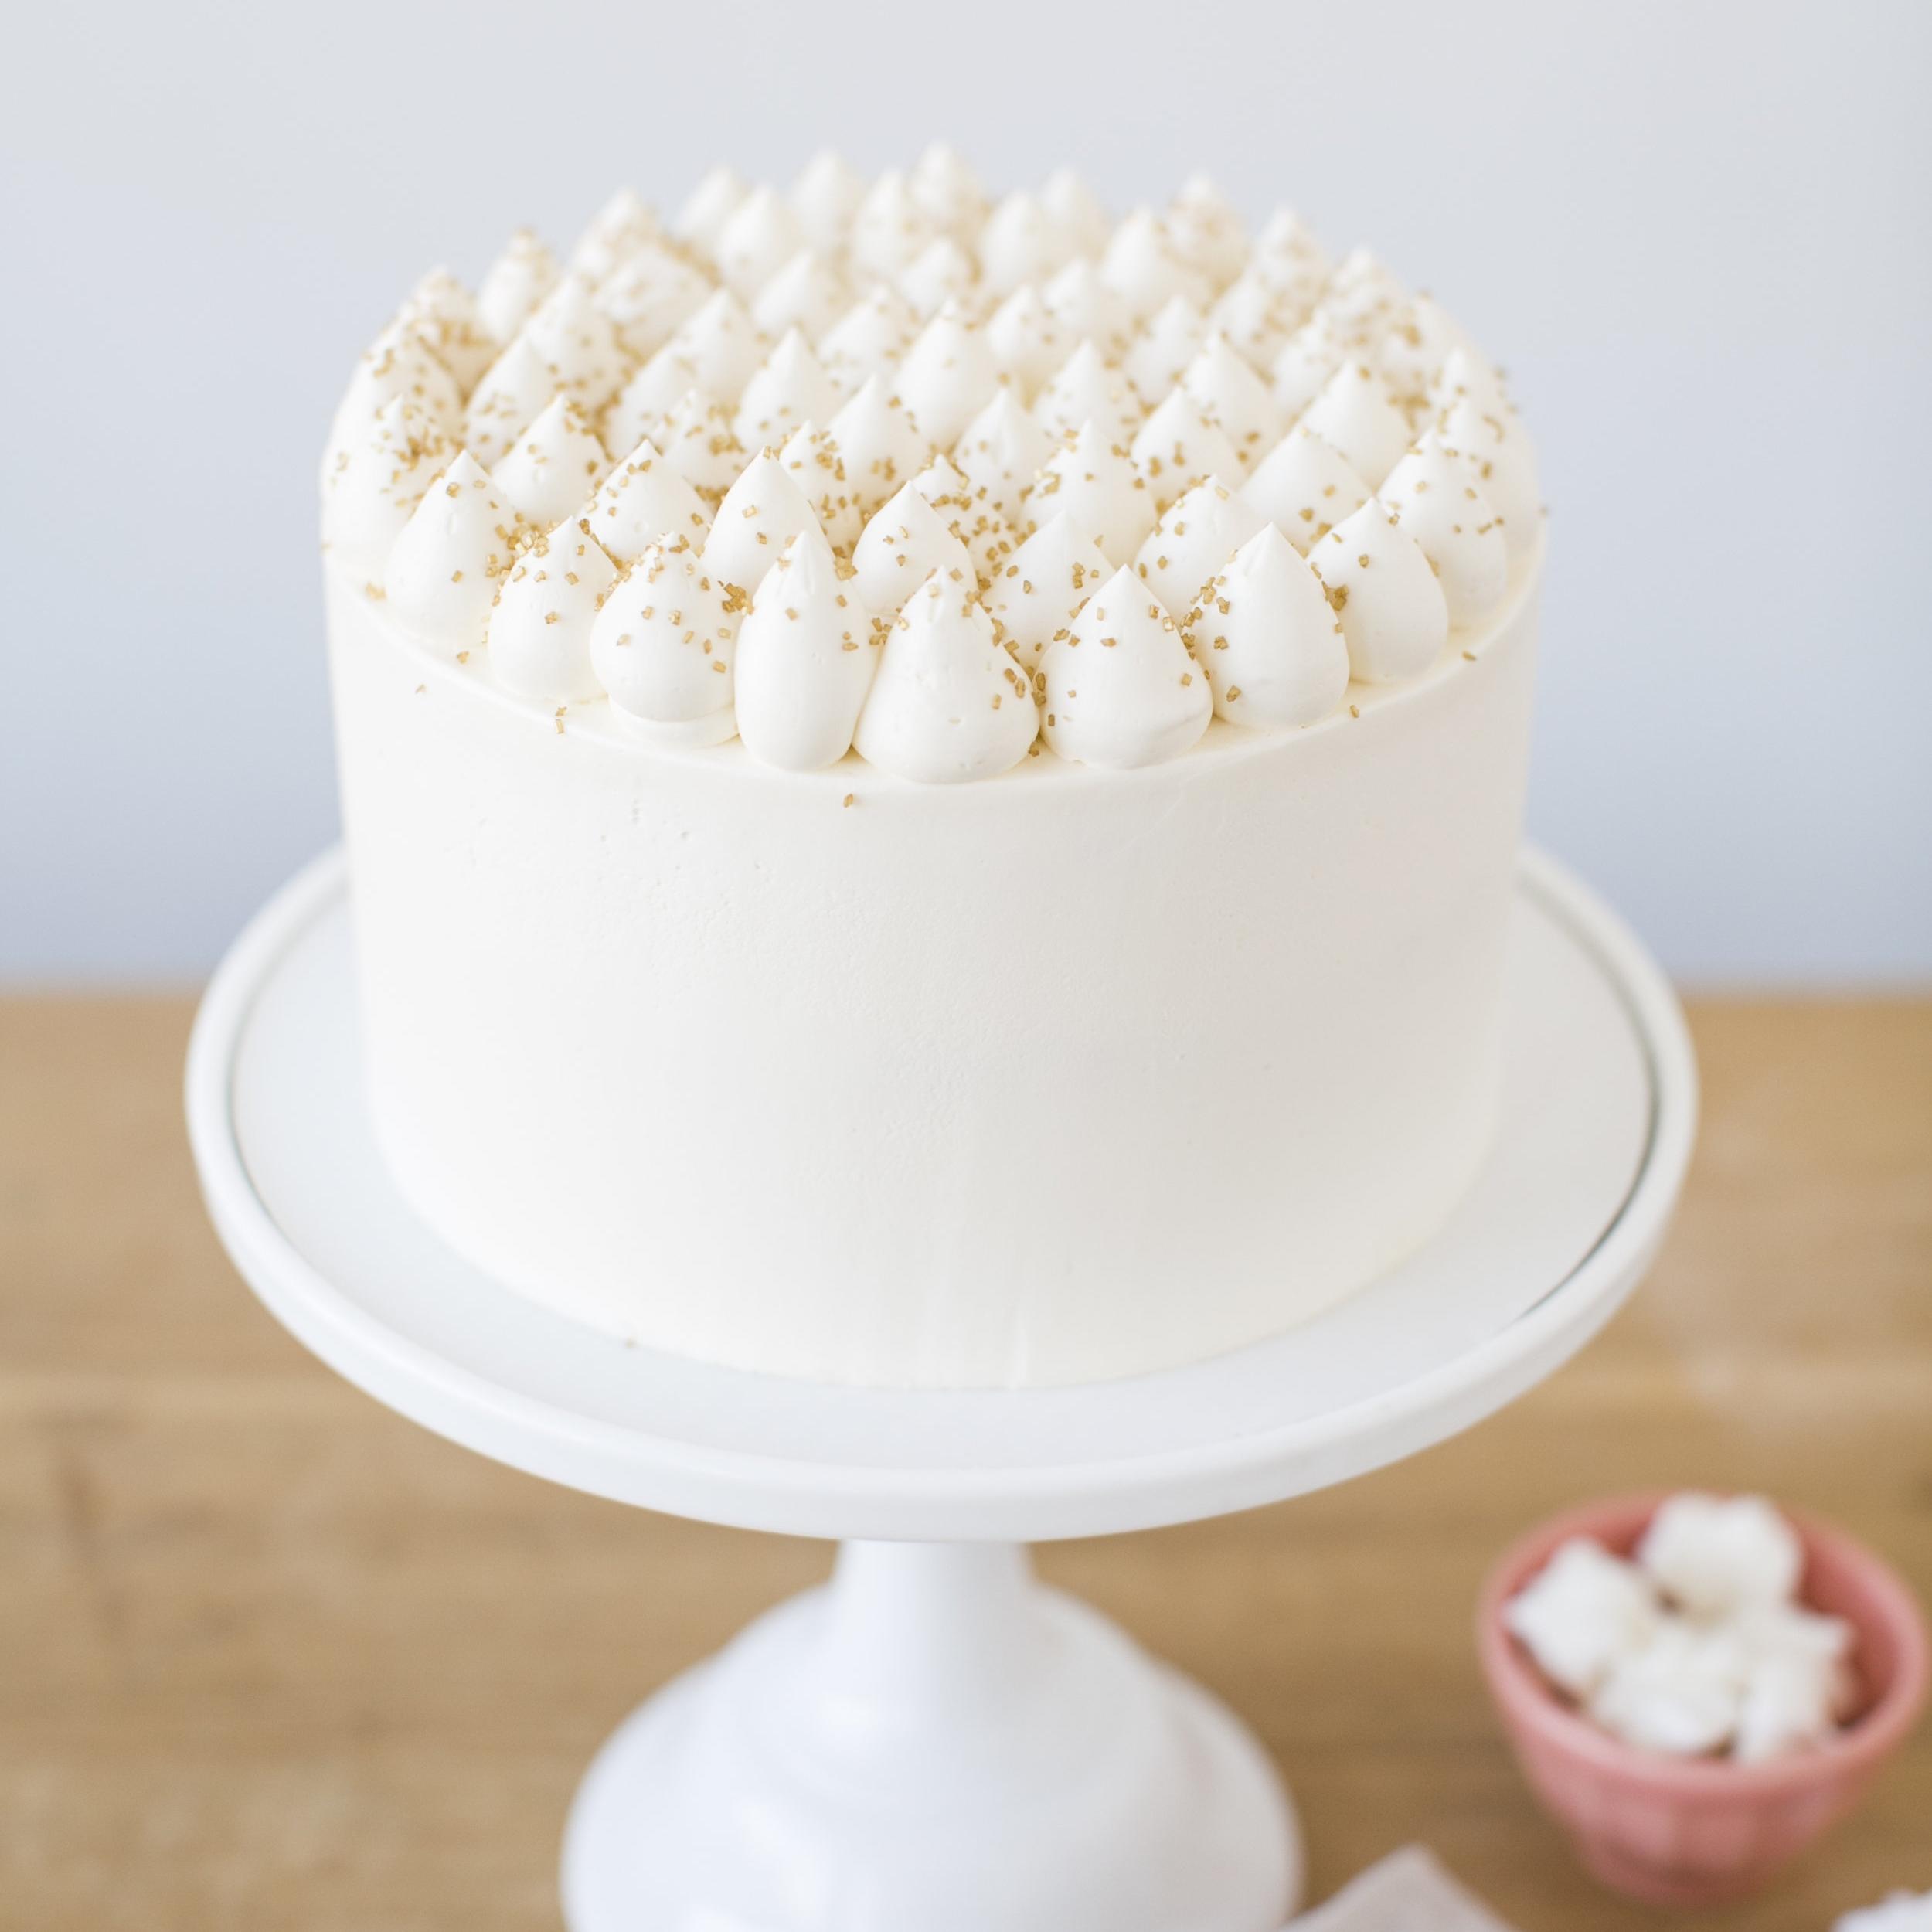 Lemon Cream Cake    Lemon cake, cream cheese filling with lemon buttercream    $60